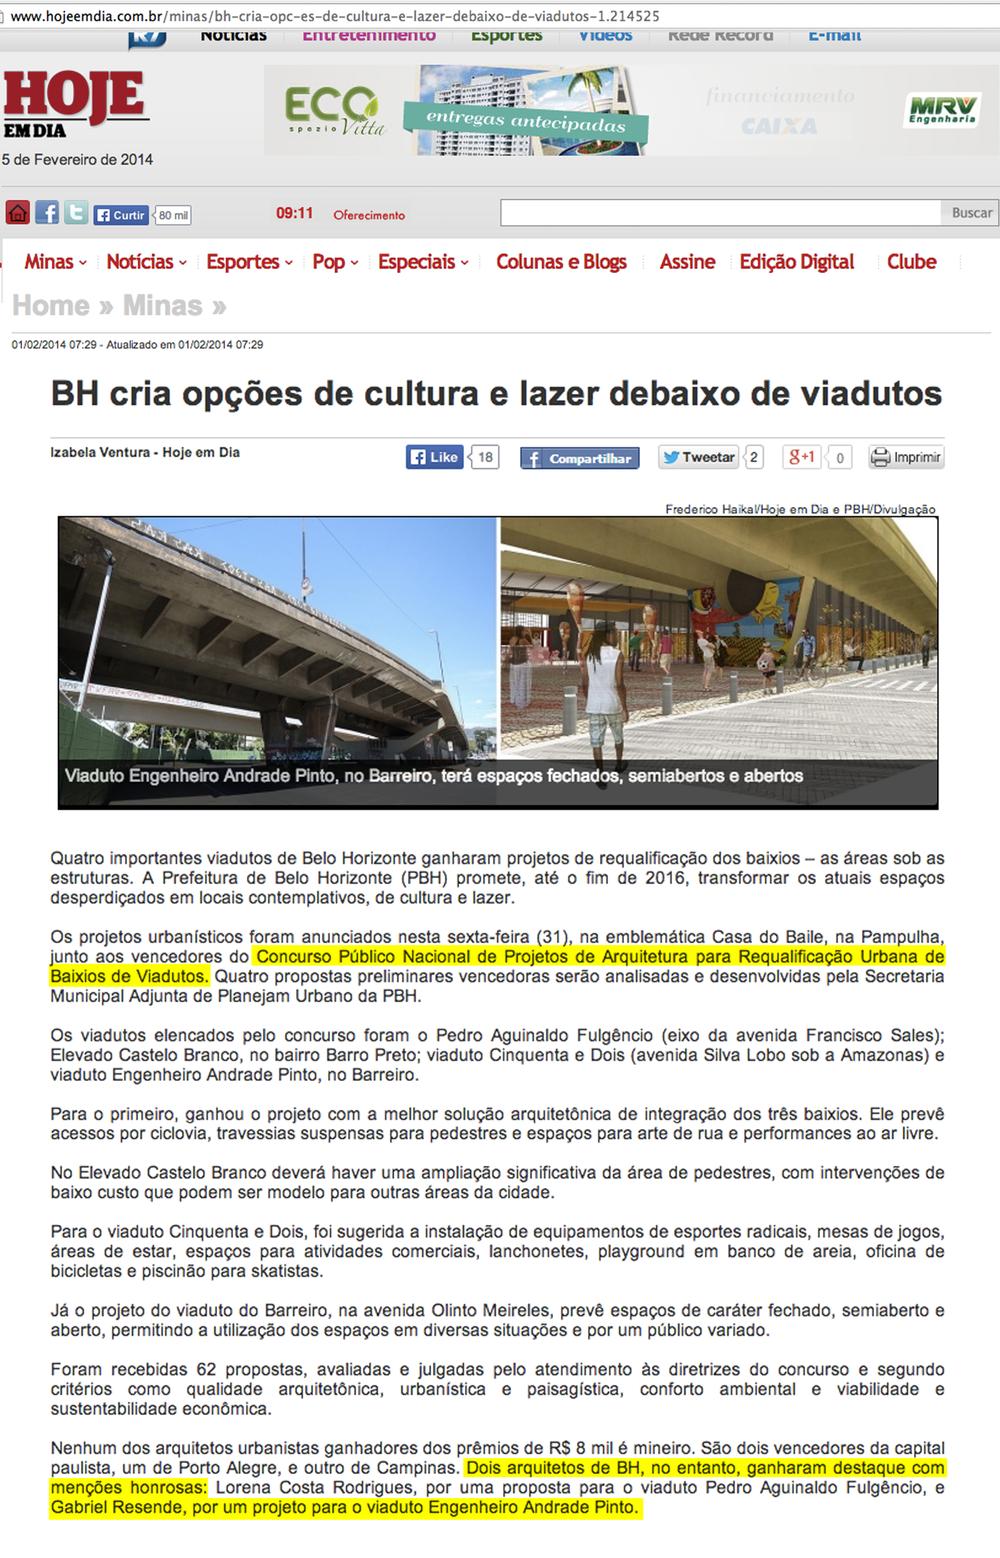 Jornal Hoje Em Dia, Belo Horizonte, 5 de fevereiro de 2014